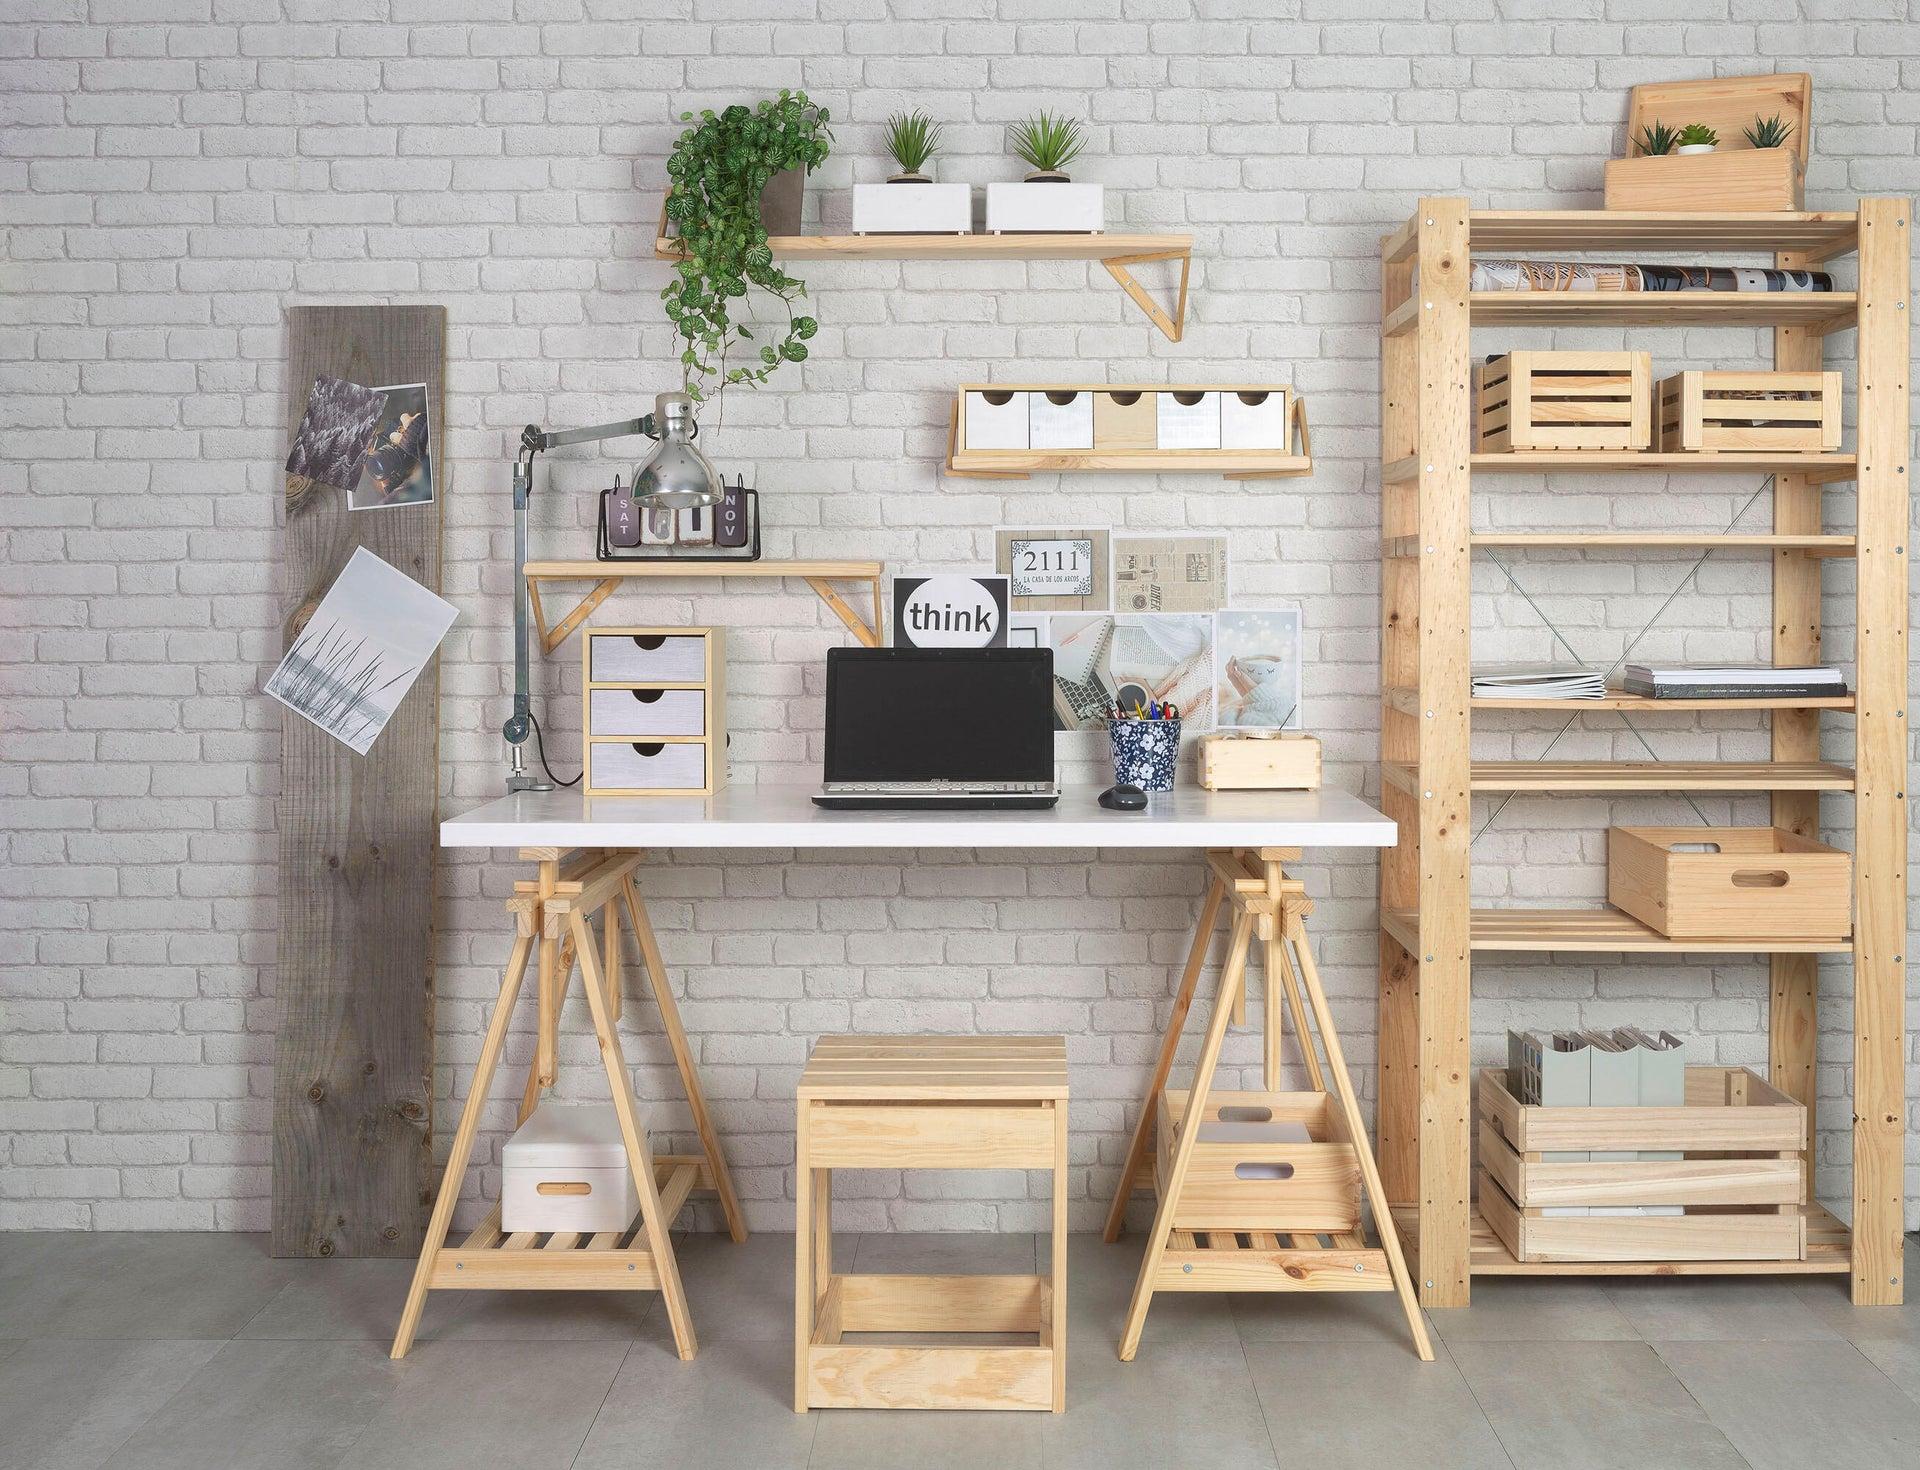 Scaffale in legno in kit L 76.7 x P 43 x H 174.2 cm naturale - 9